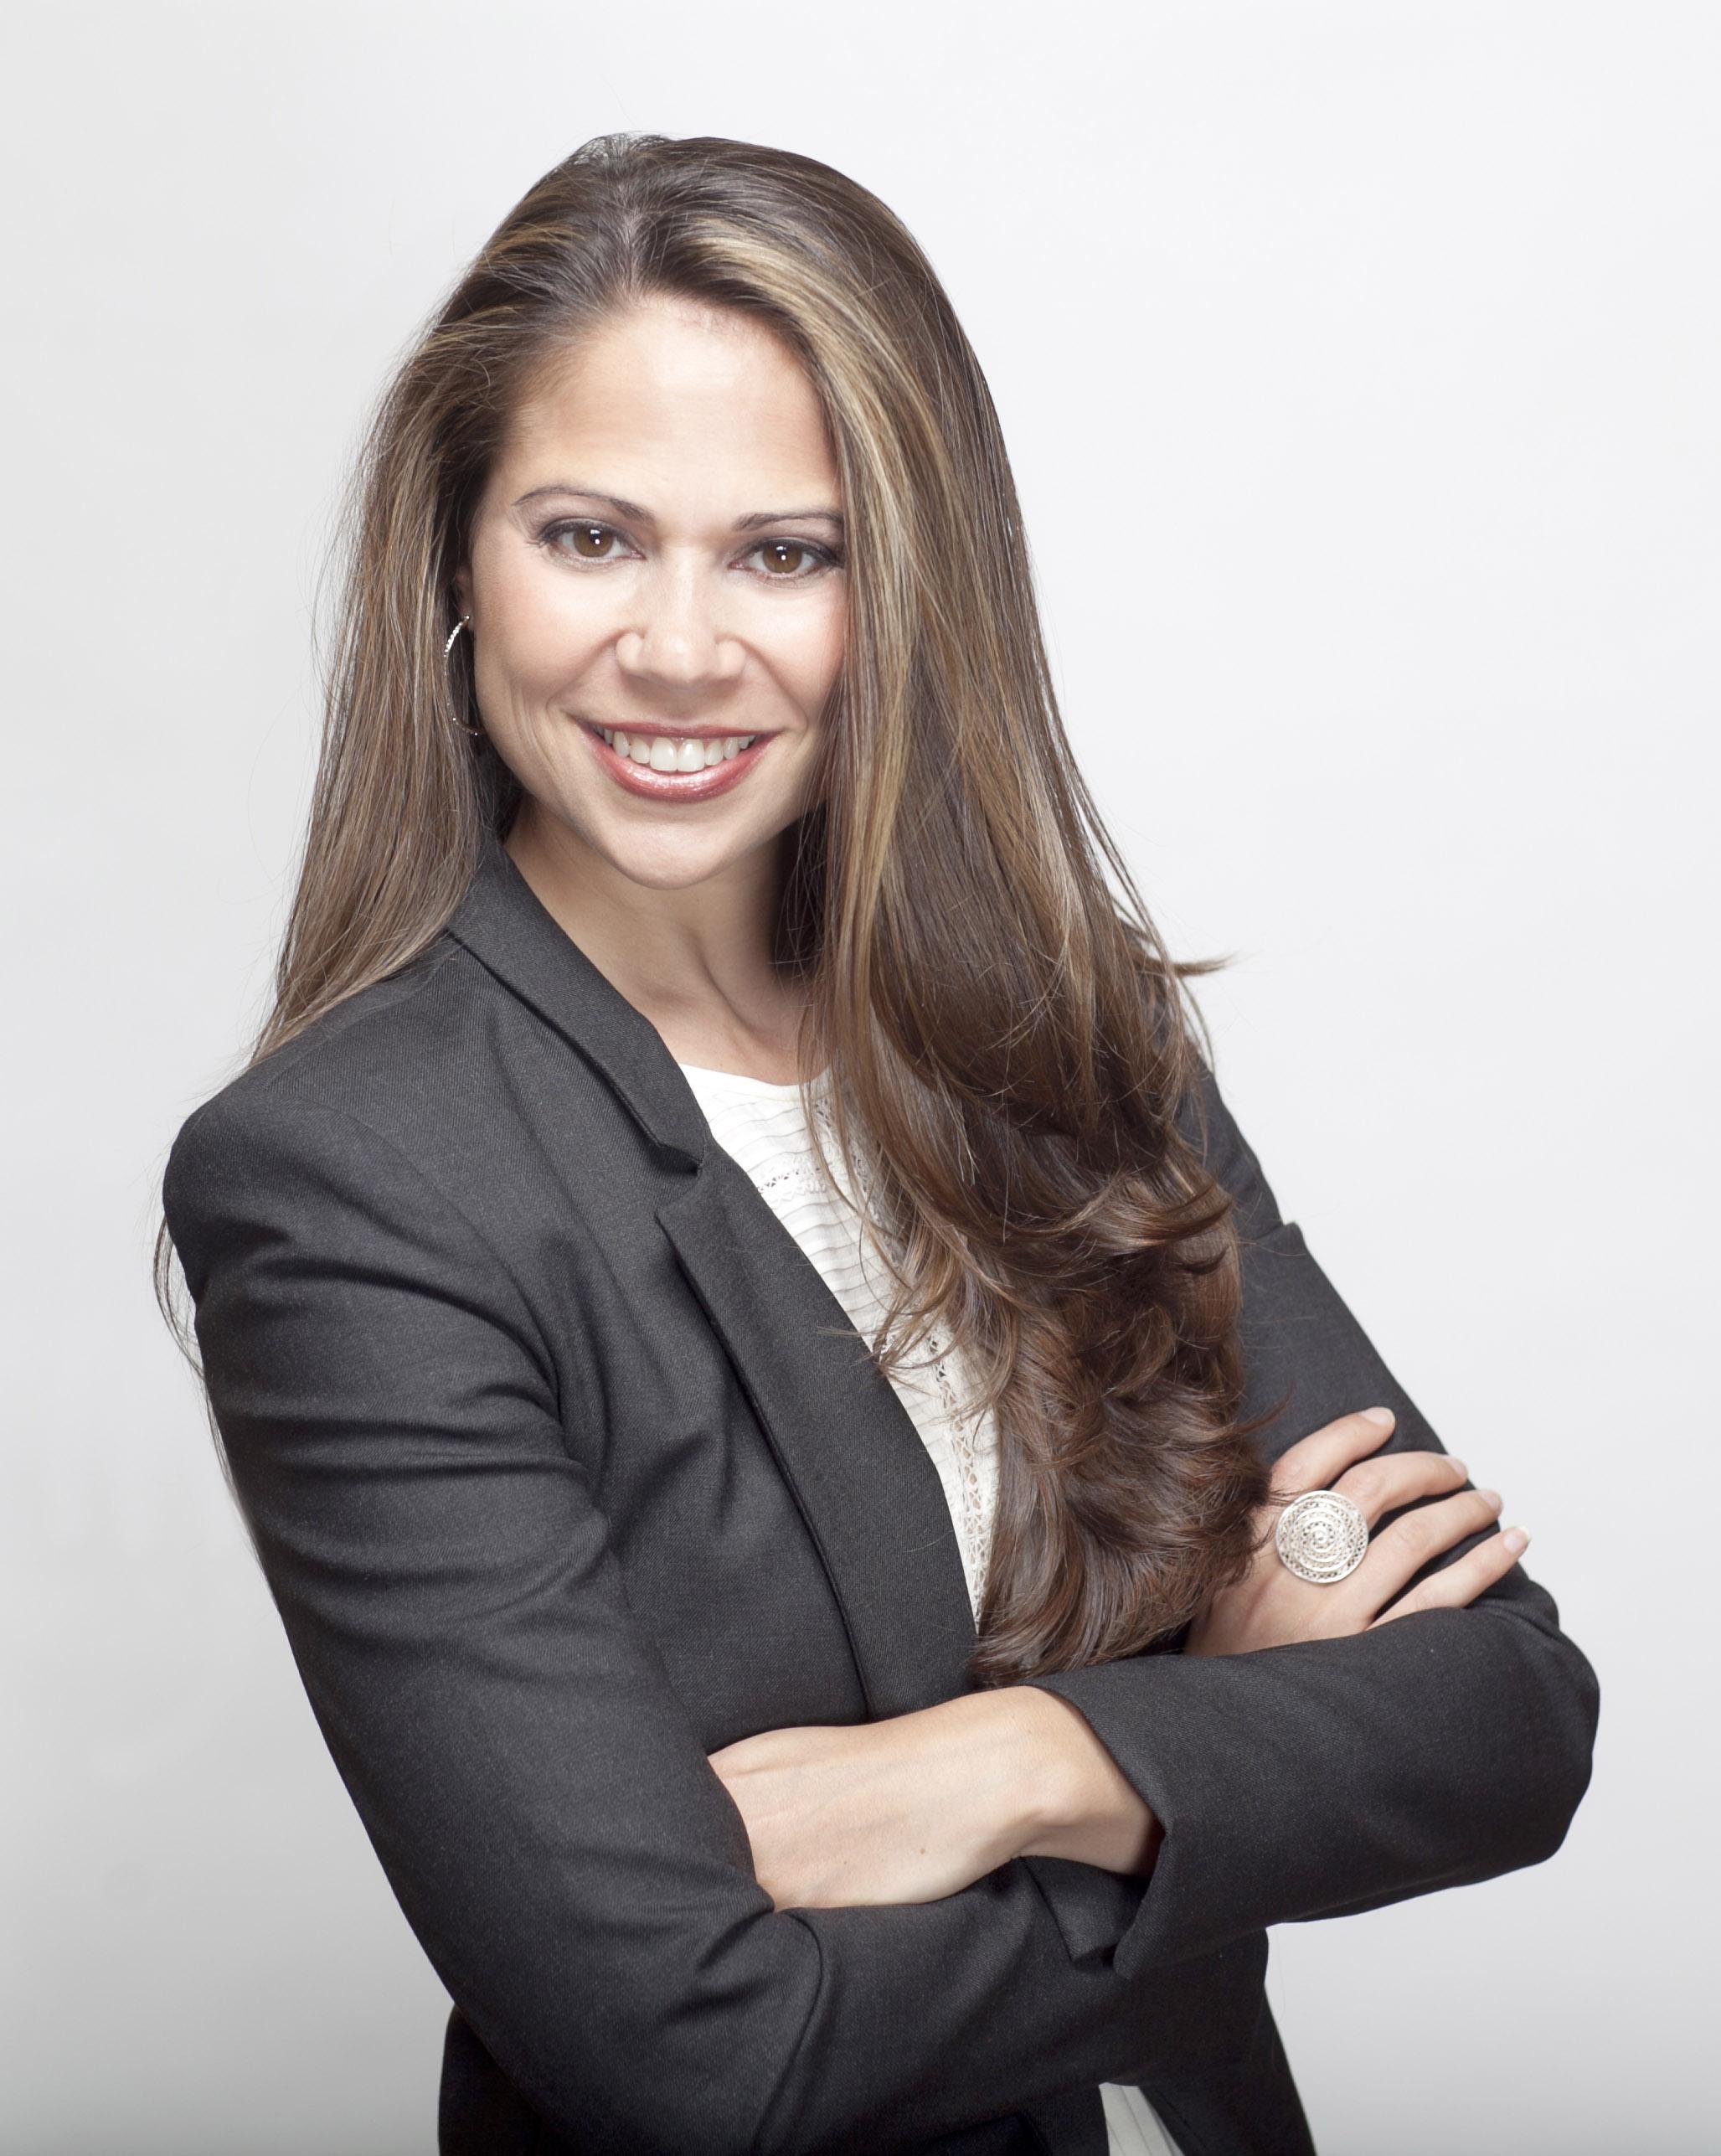 Stephanie Middleberg